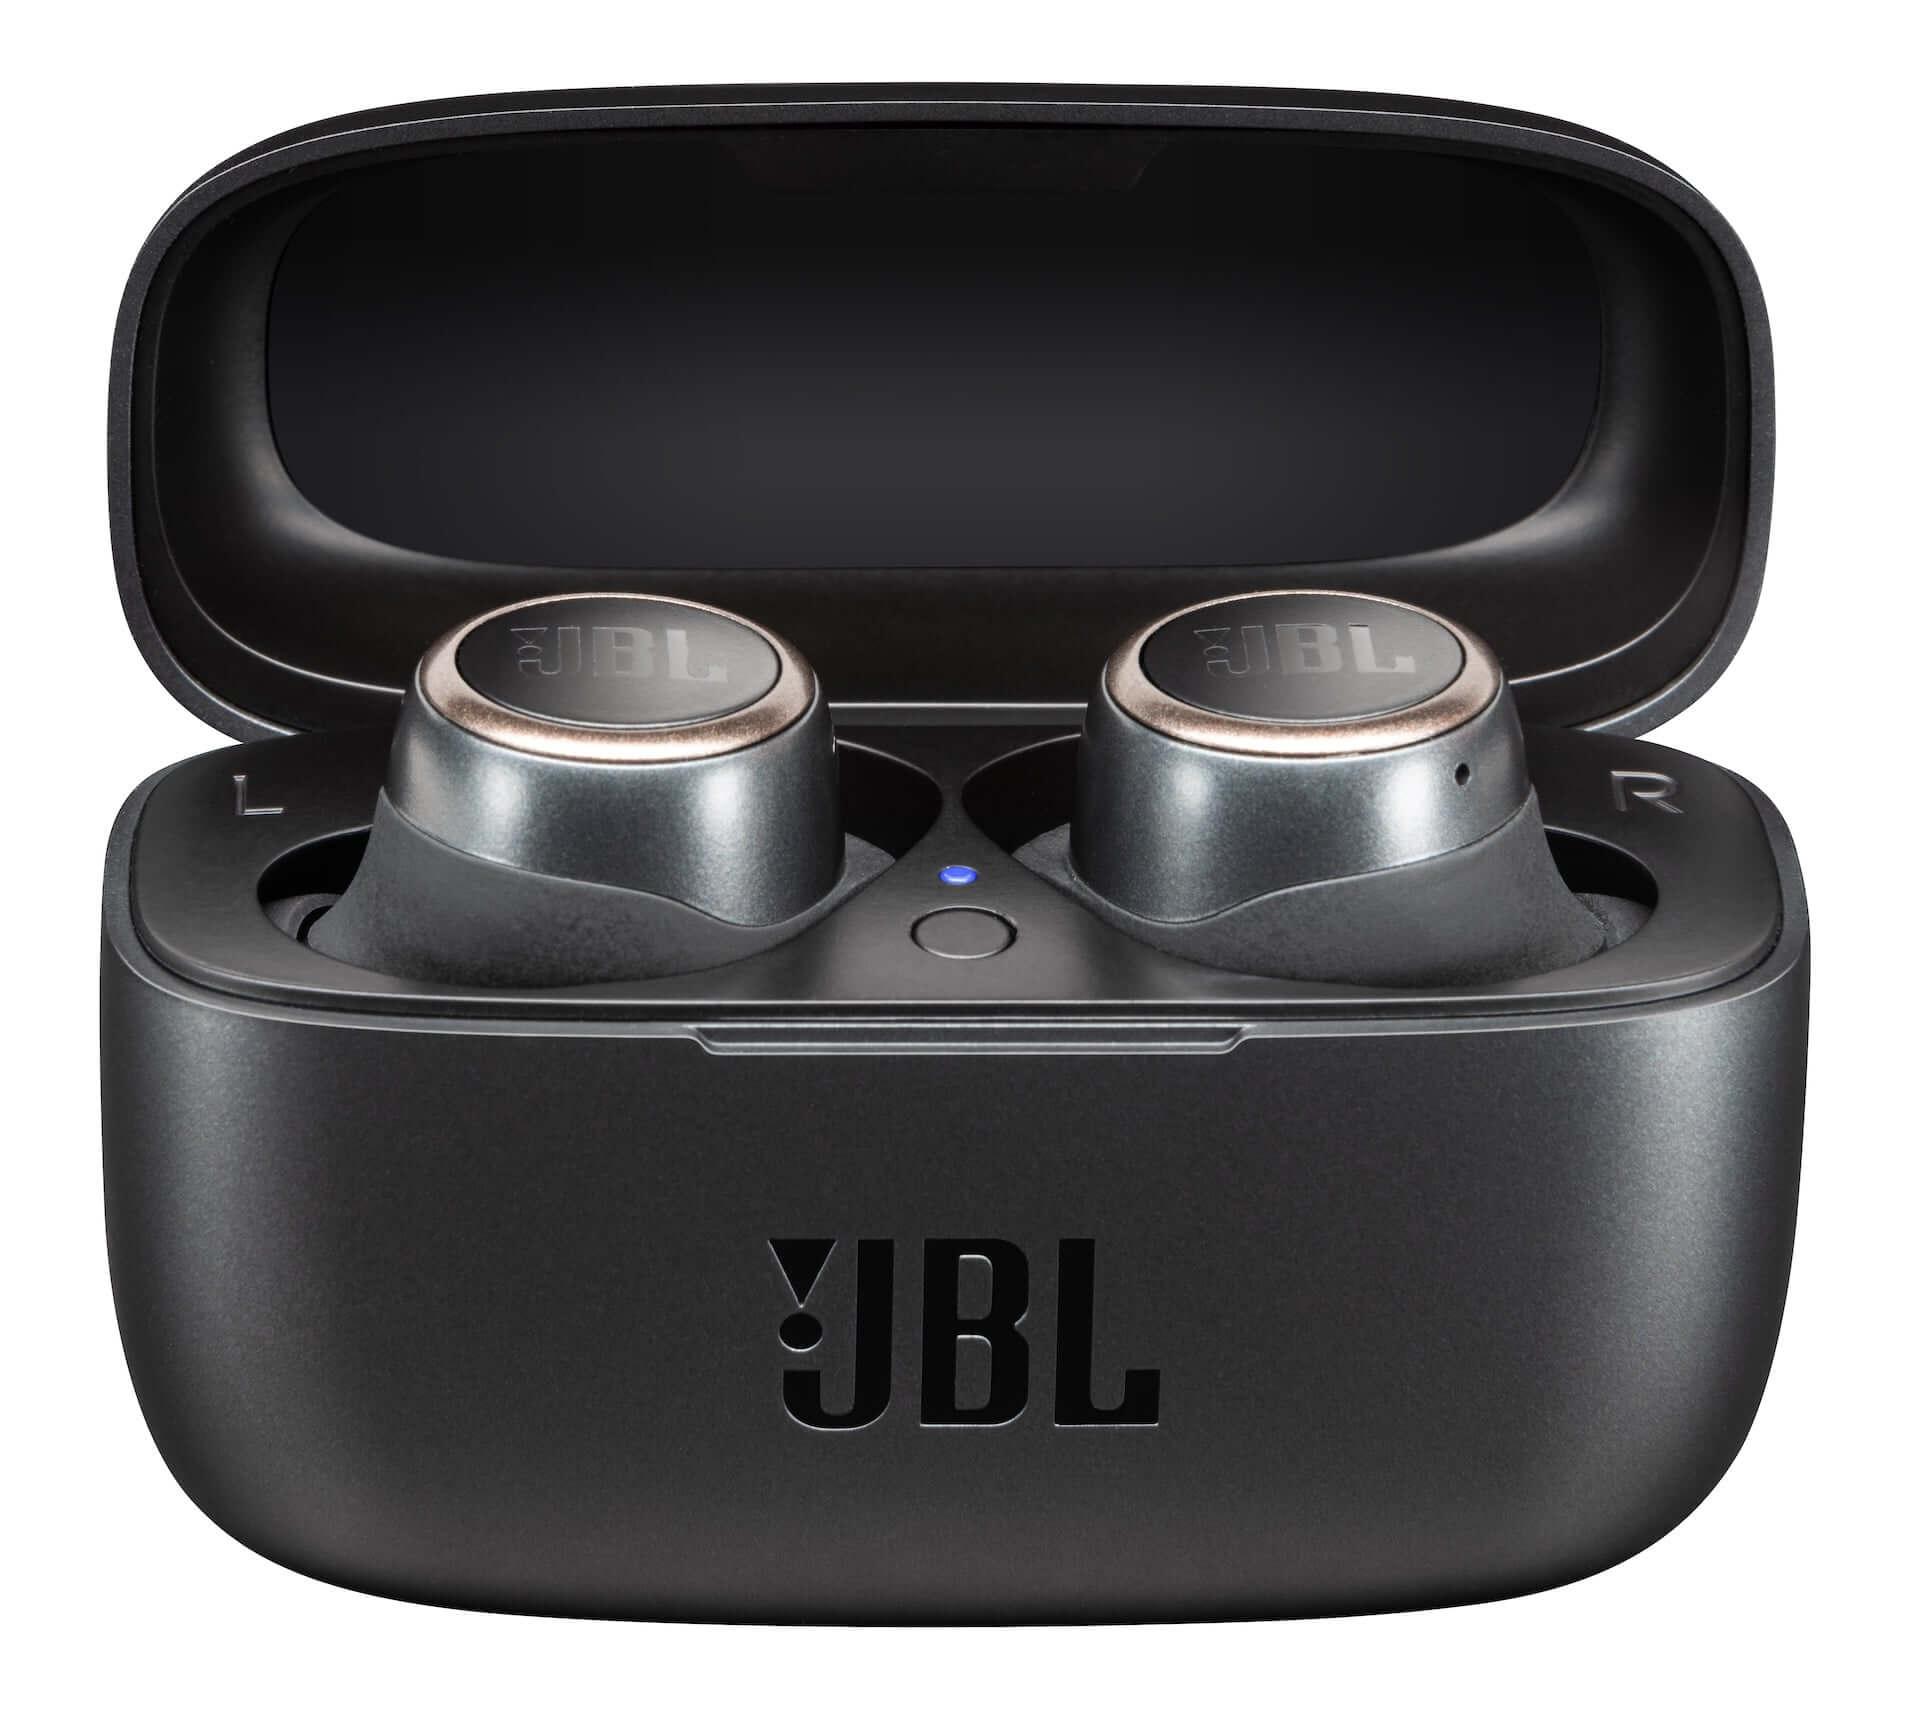 JBLからサウンドカスタマイズ可能な完全ワイヤレスイヤホン『JBL LIVE300TWS』が登場!テレワークにもおすすめ tech200521_jbl_live300tws_13-1920x1729